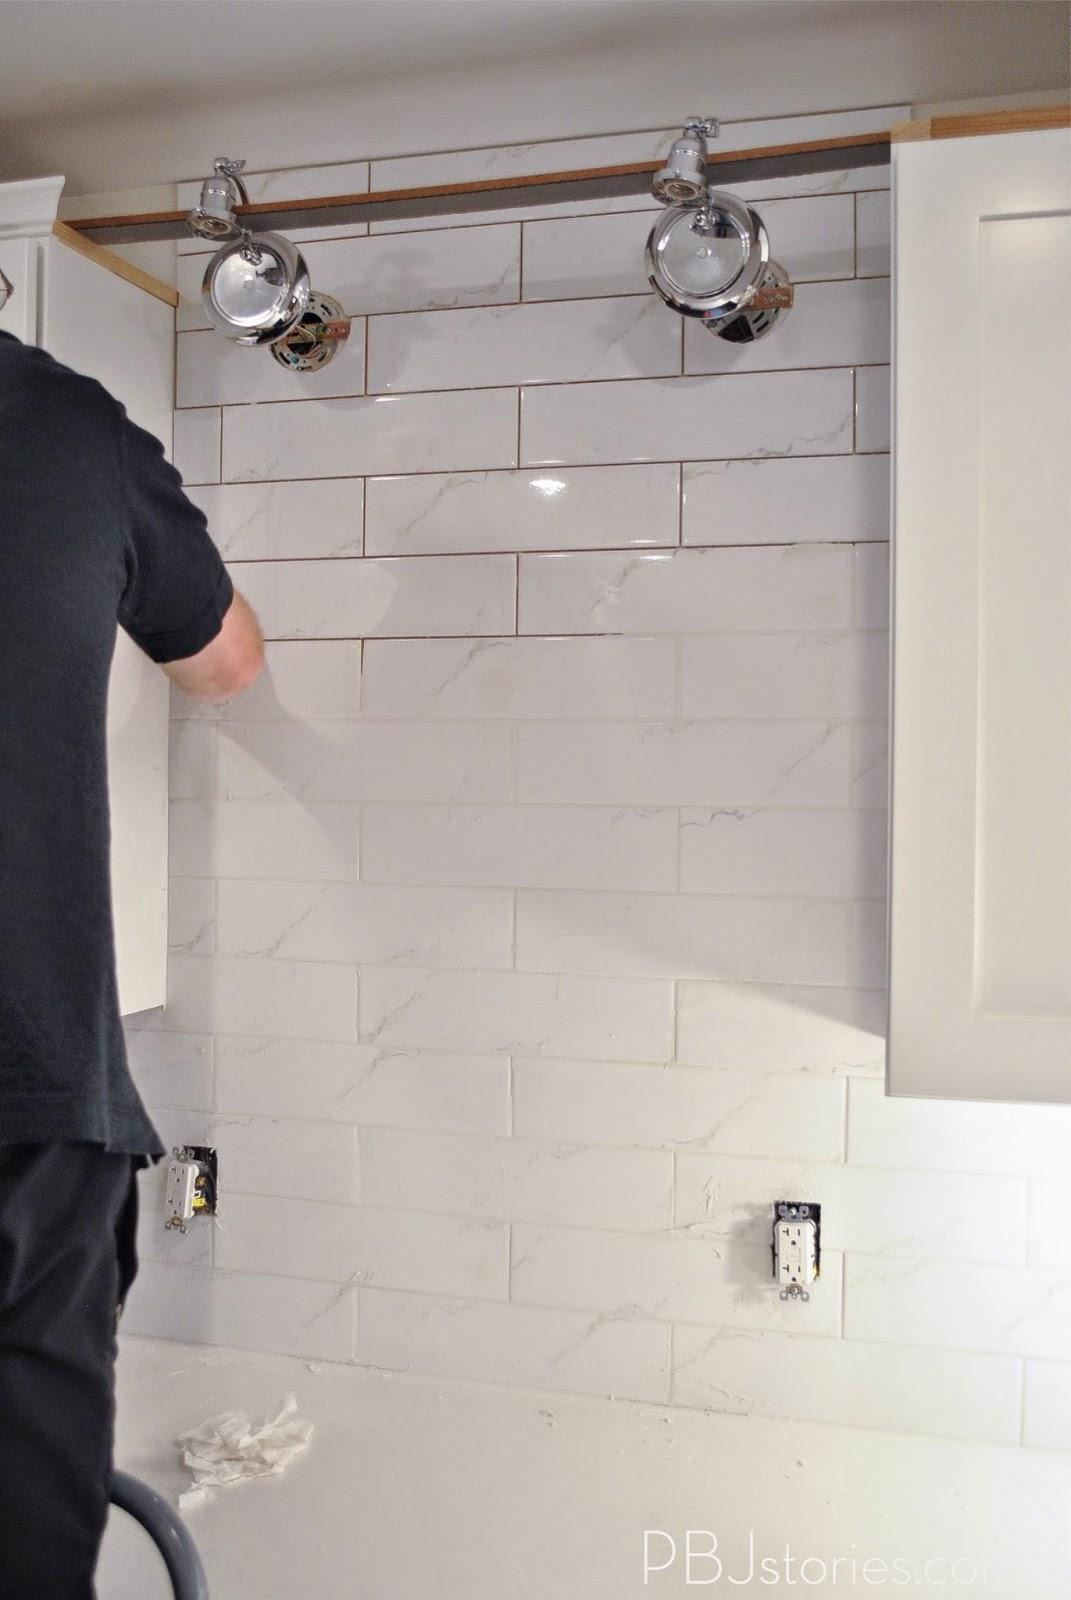 Installing Kitchen Tile Backsplash Video